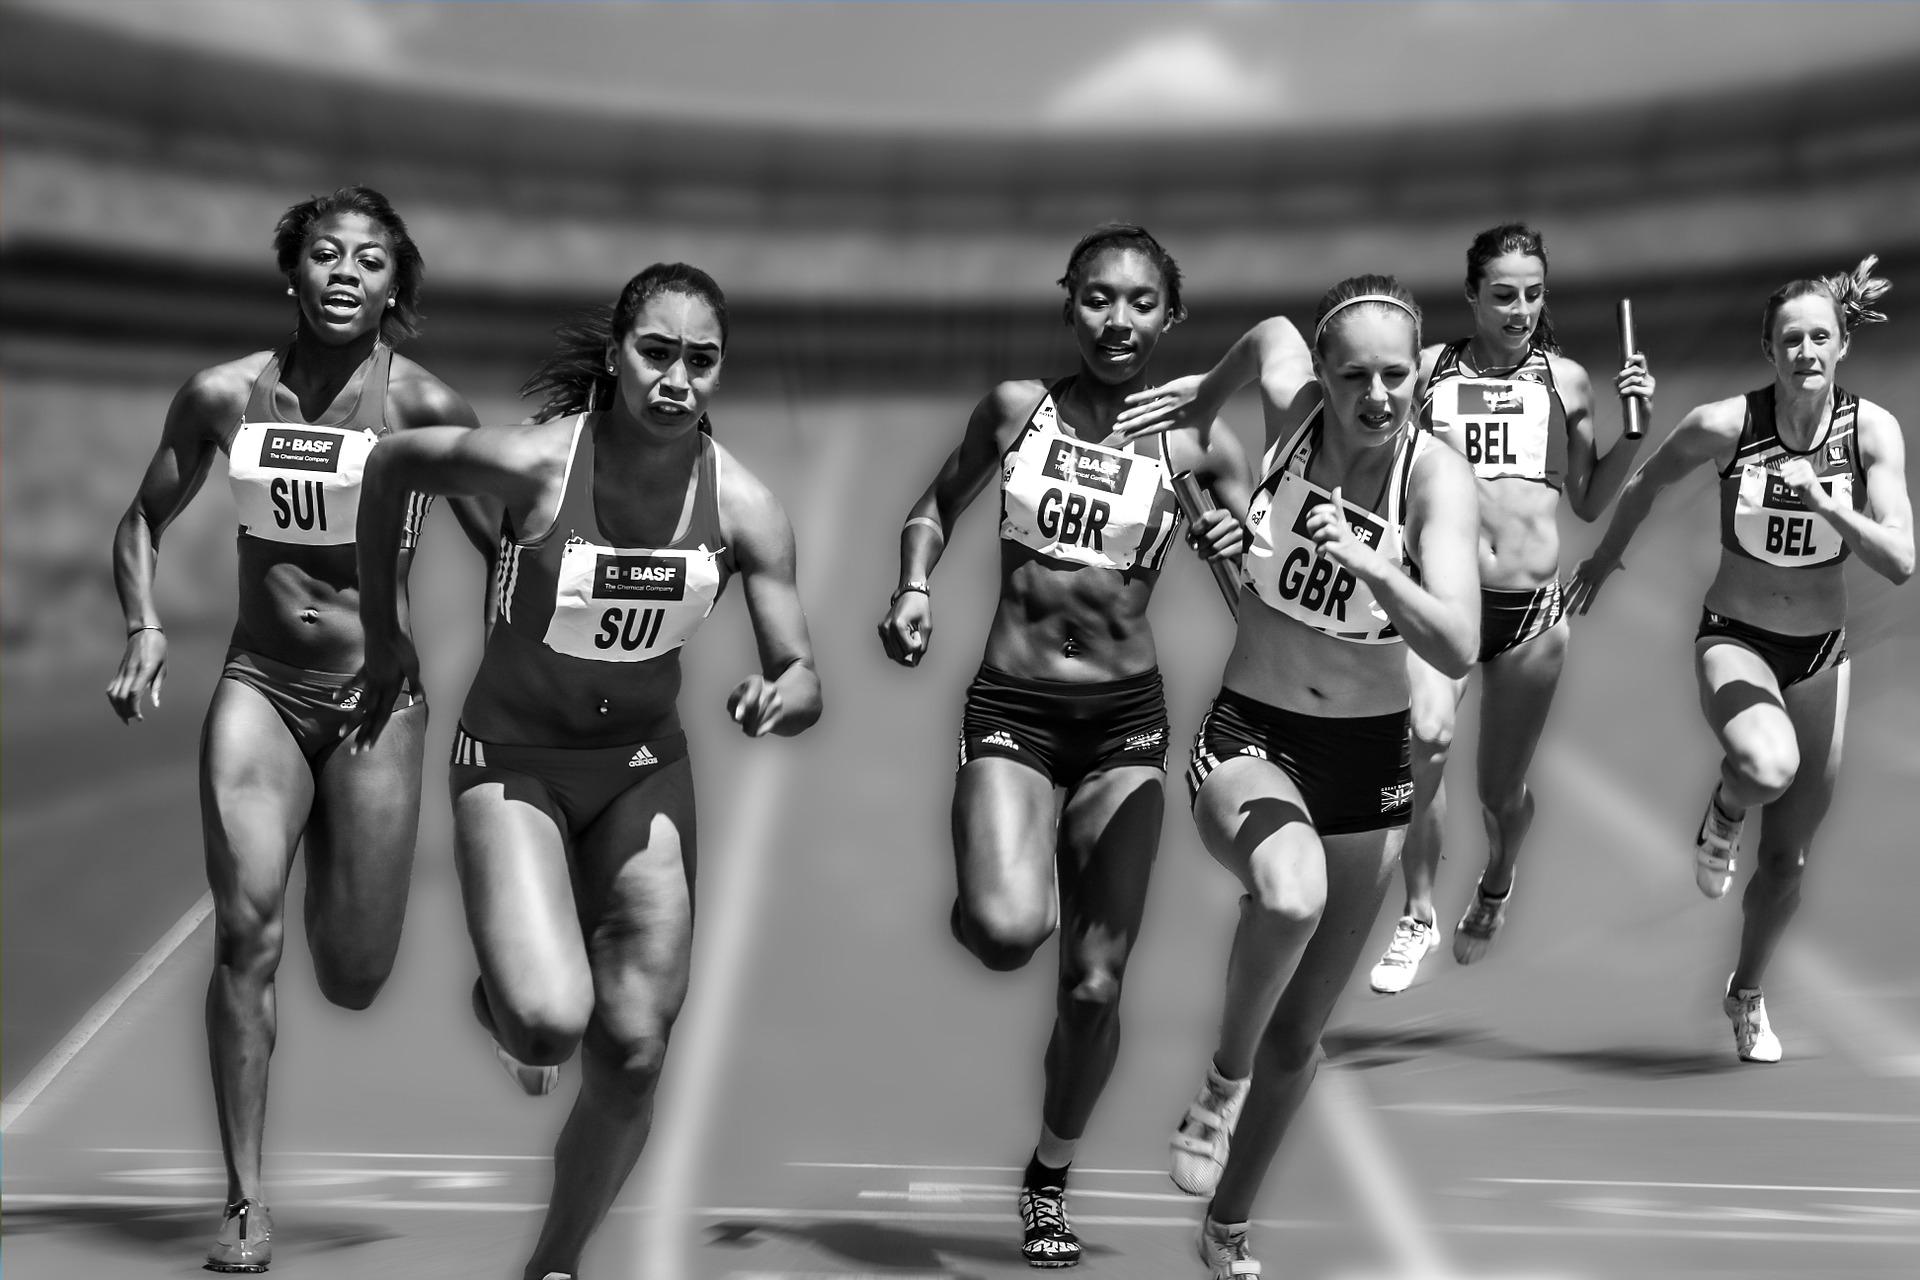 Emotionale Gesichter bei Sprinterinnen im Zieleinlauf